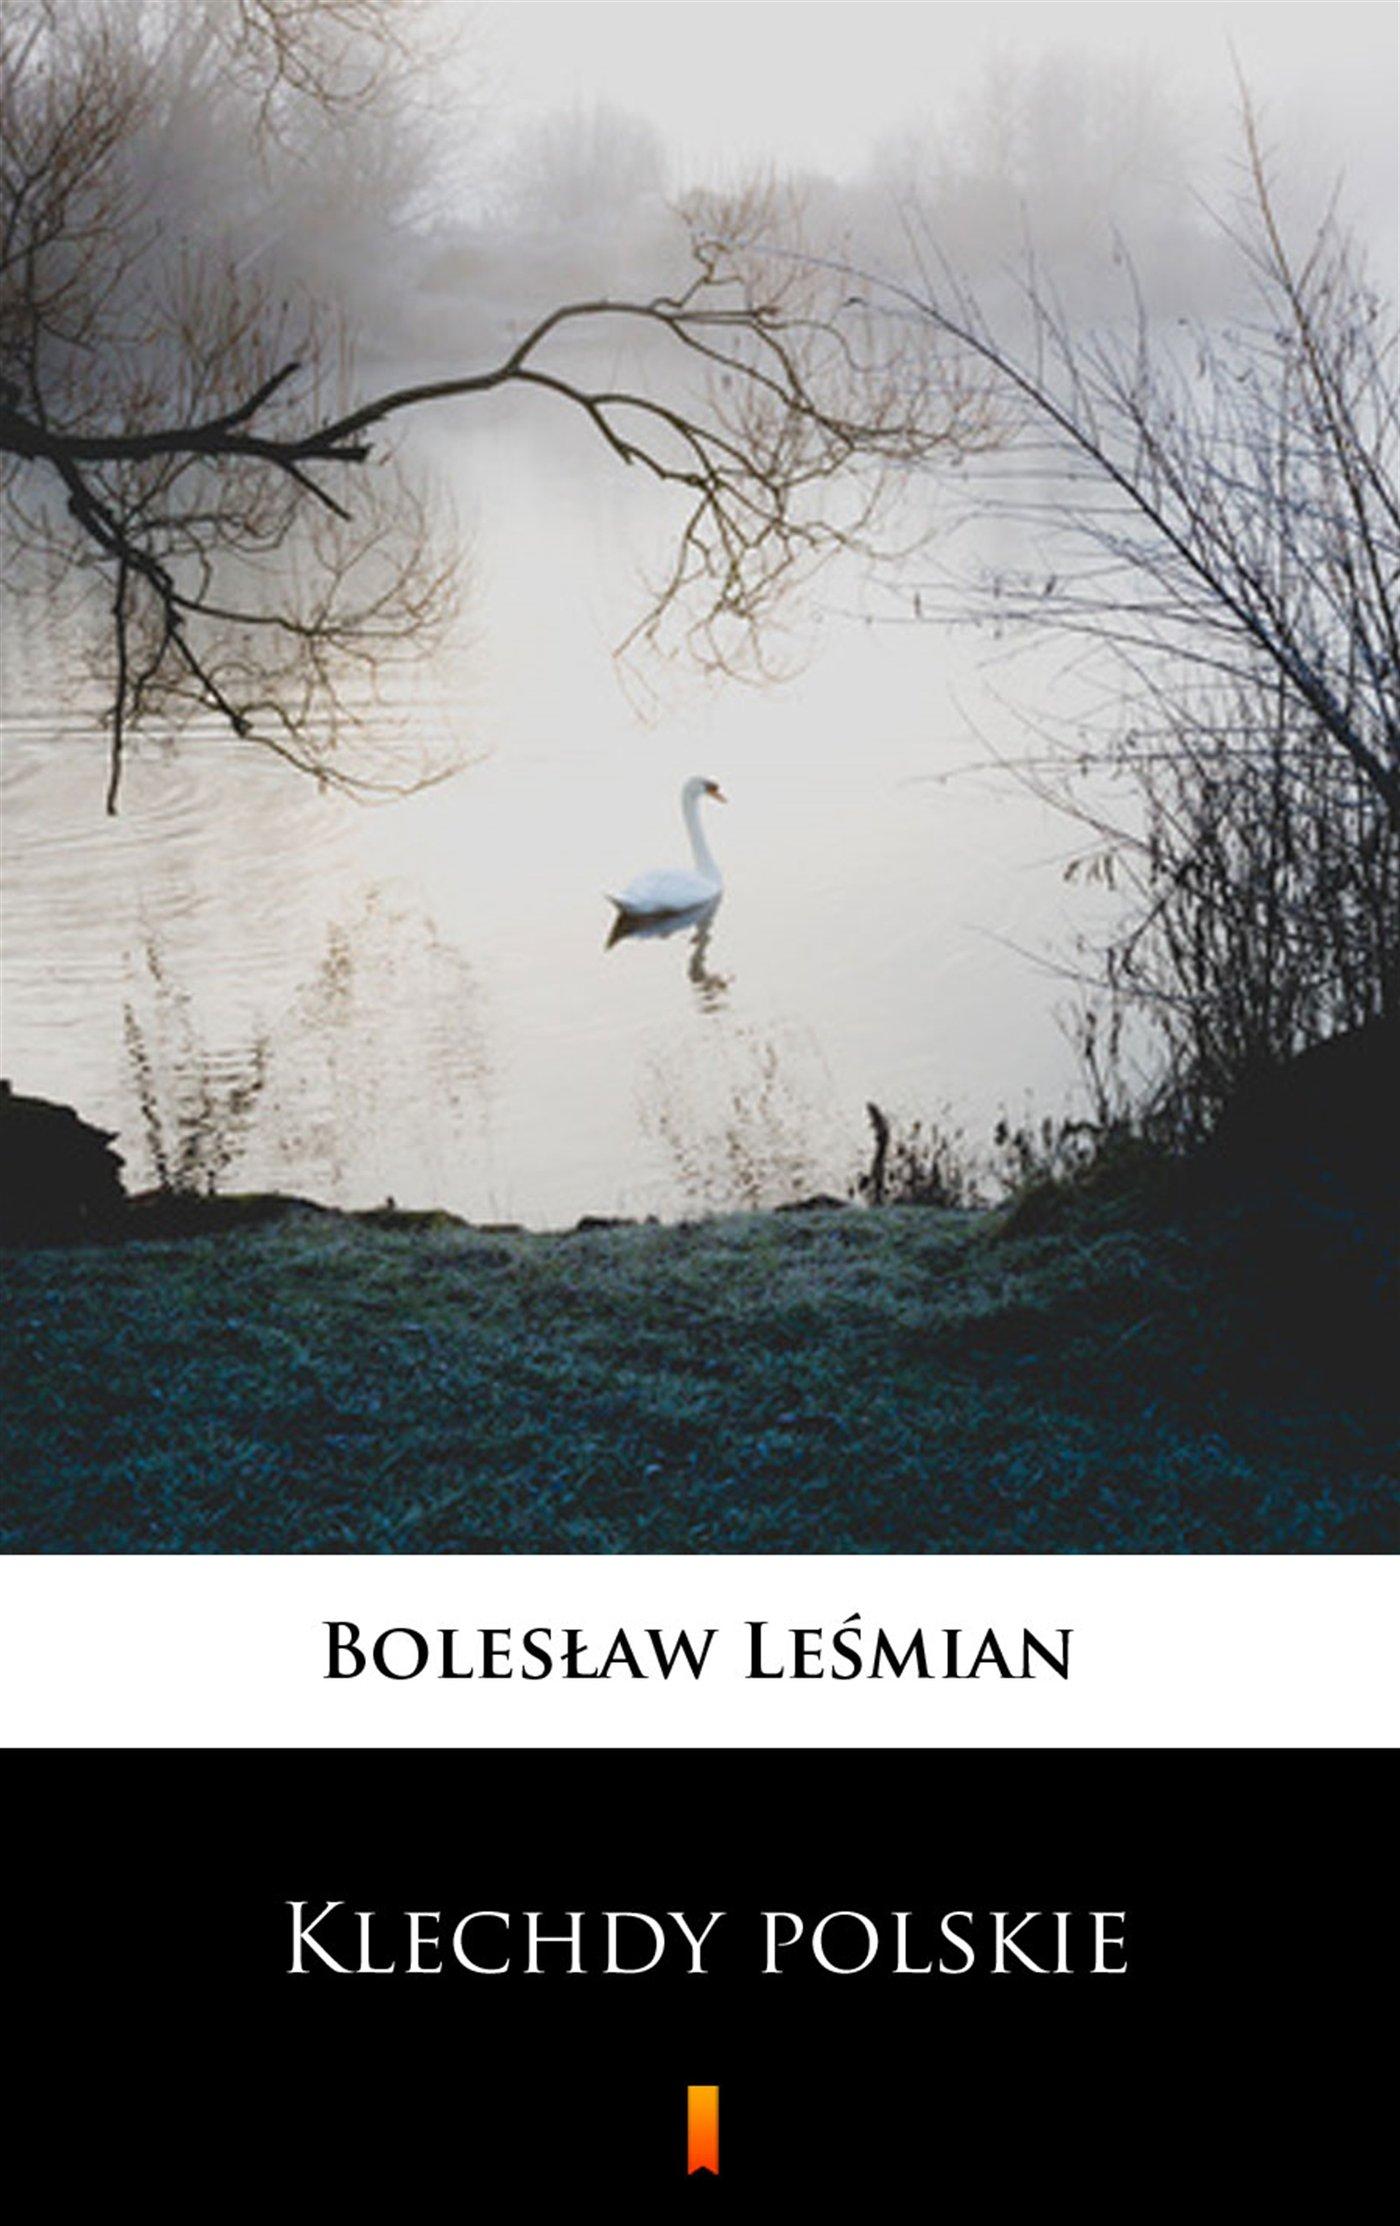 Klechdy polskie - Ebook (Książka EPUB) do pobrania w formacie EPUB